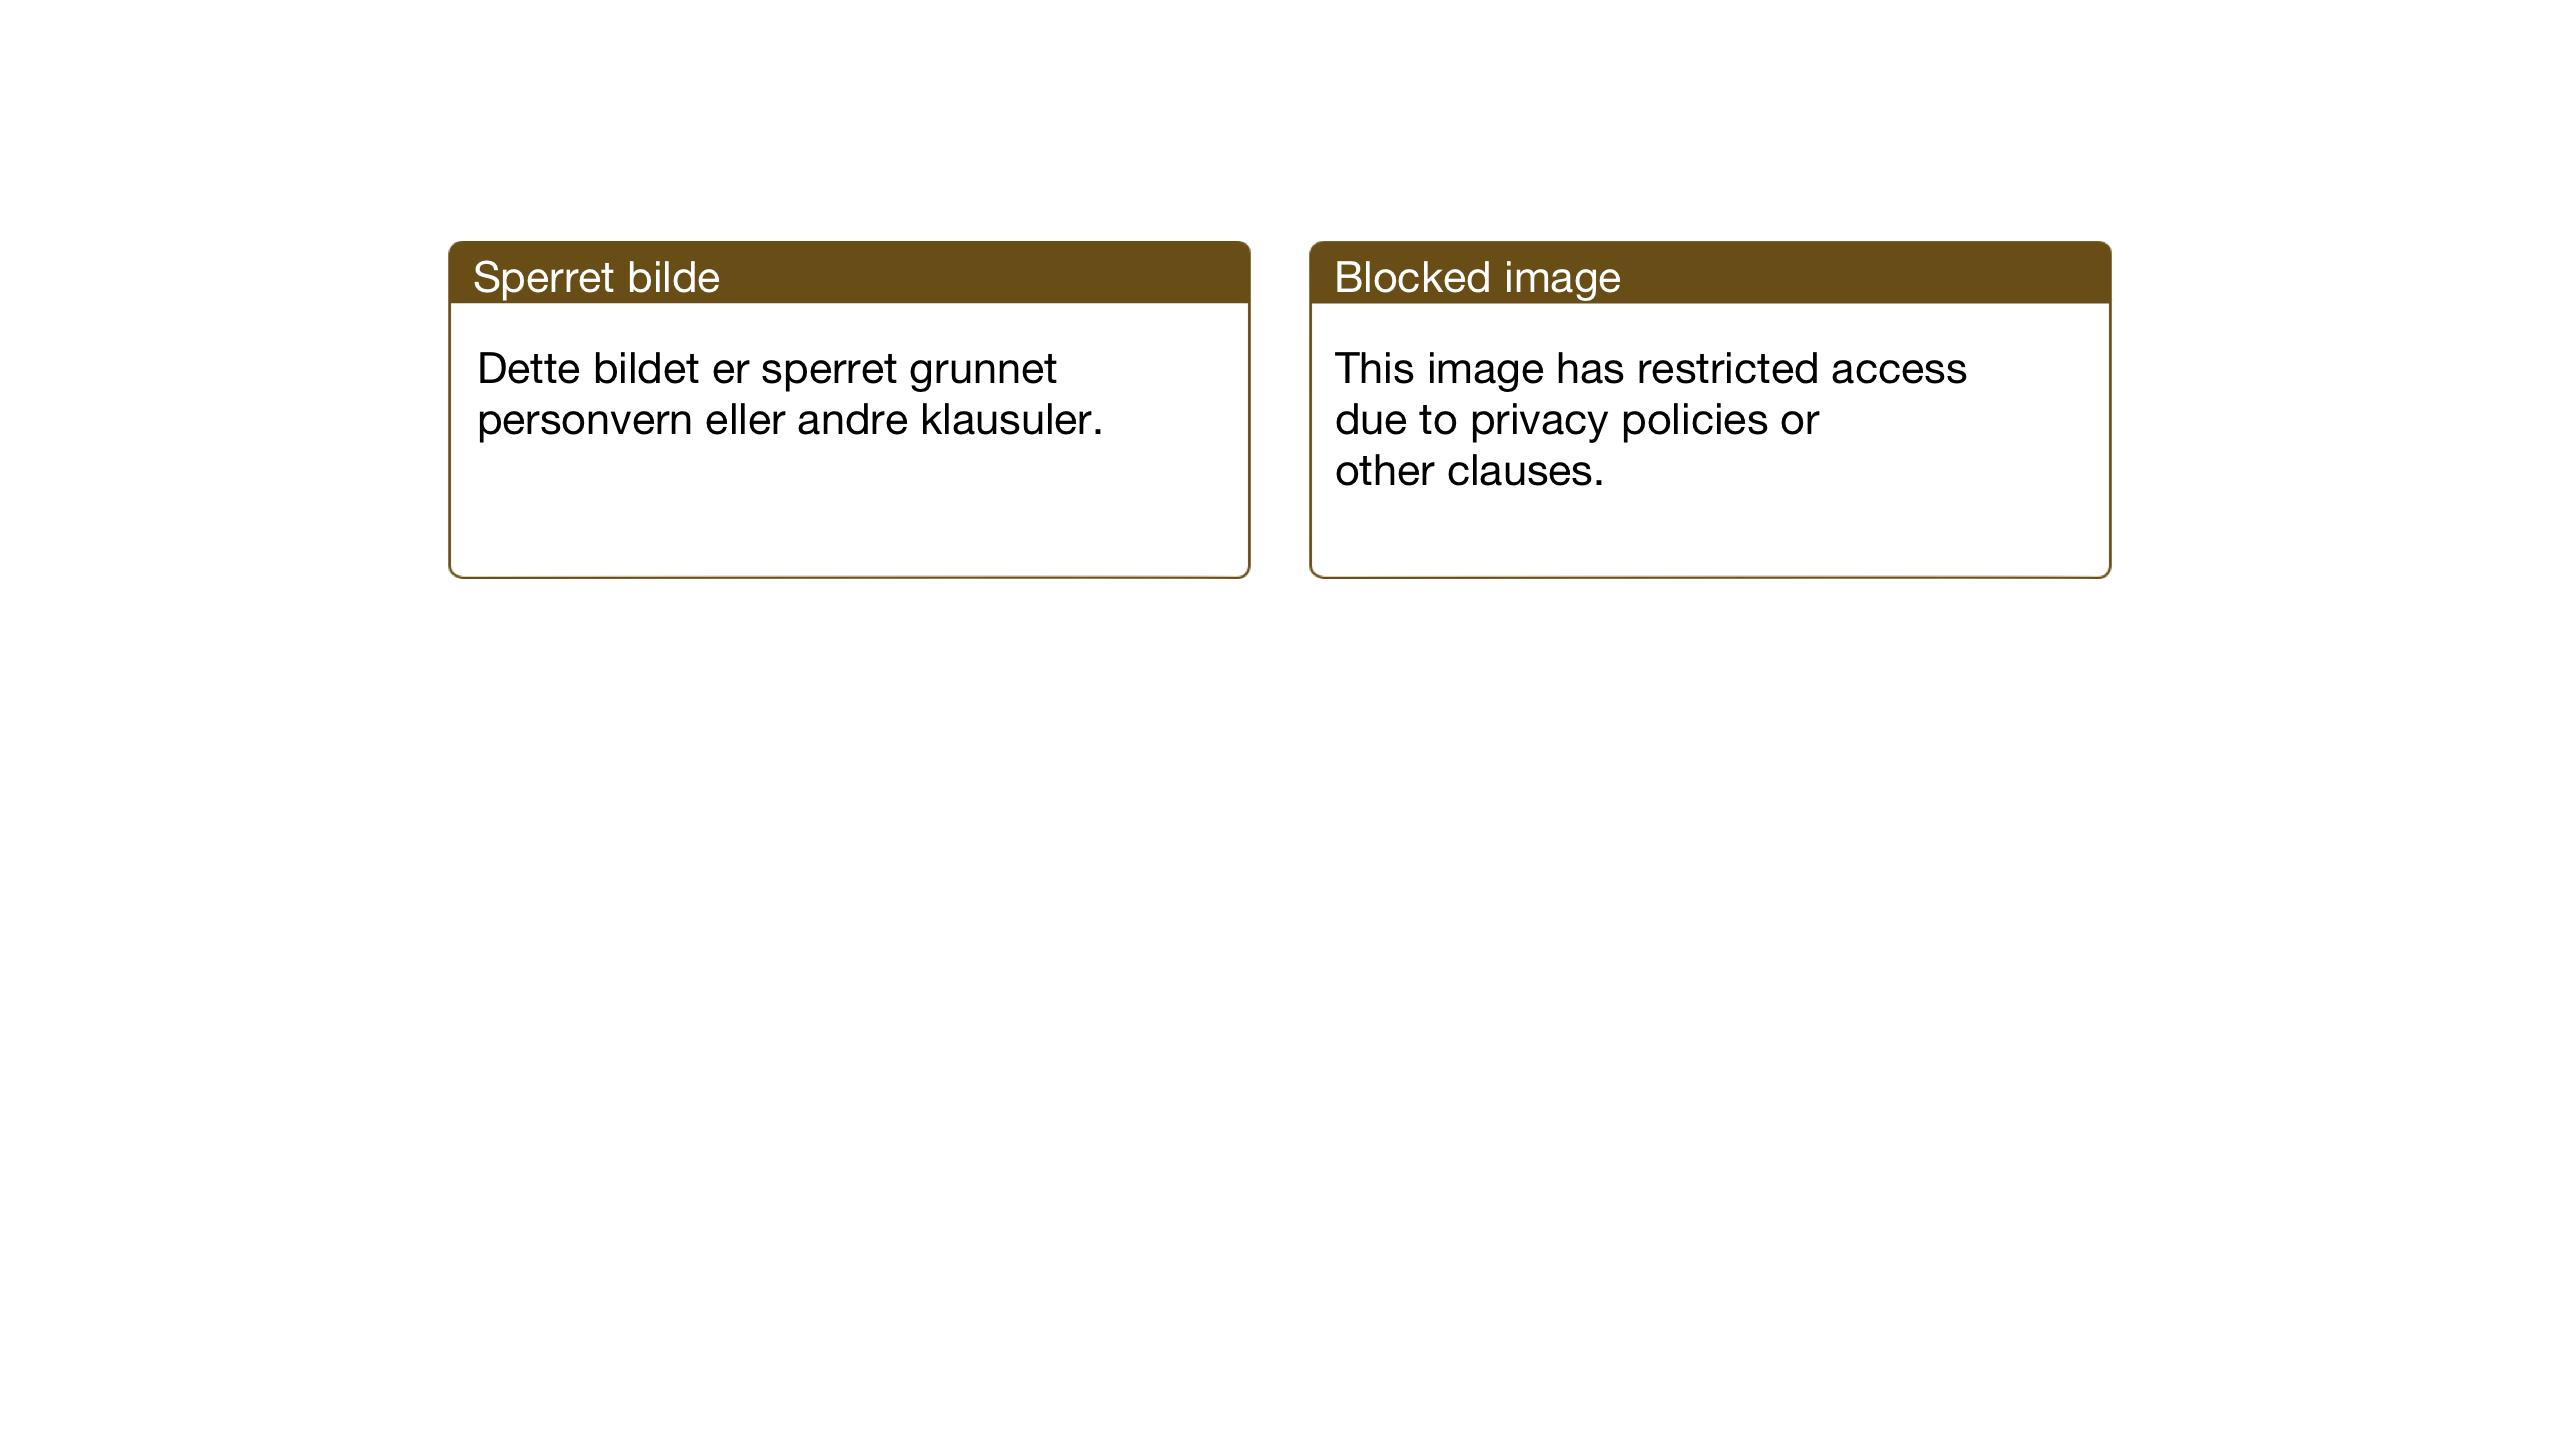 SAT, Ministerialprotokoller, klokkerbøker og fødselsregistre - Sør-Trøndelag, 690/L1053: Klokkerbok nr. 690C03, 1930-1947, s. 10